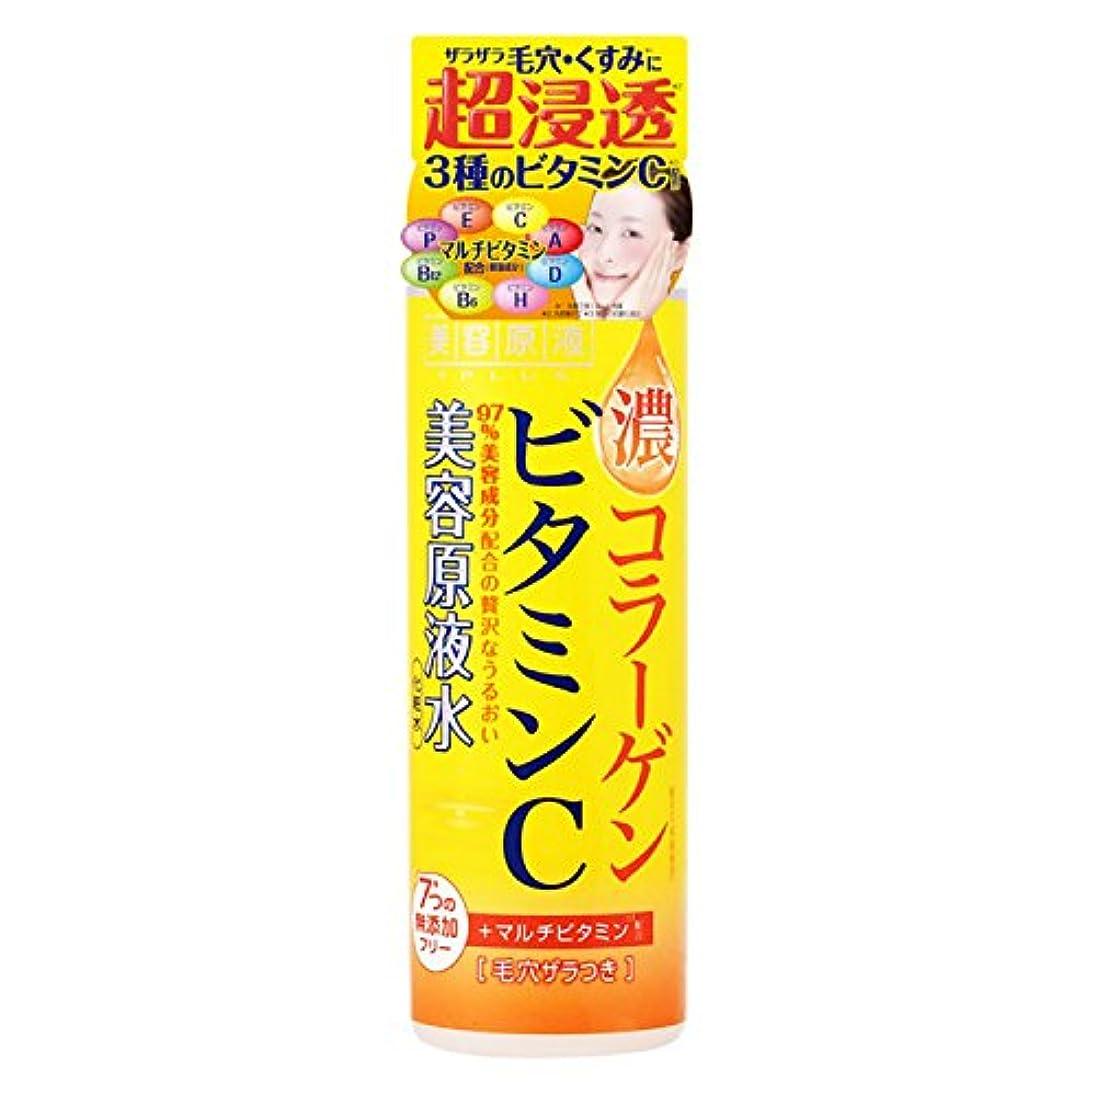 リーダーシップ興味カウントアップ美容原液 超潤化粧水VC 185mL